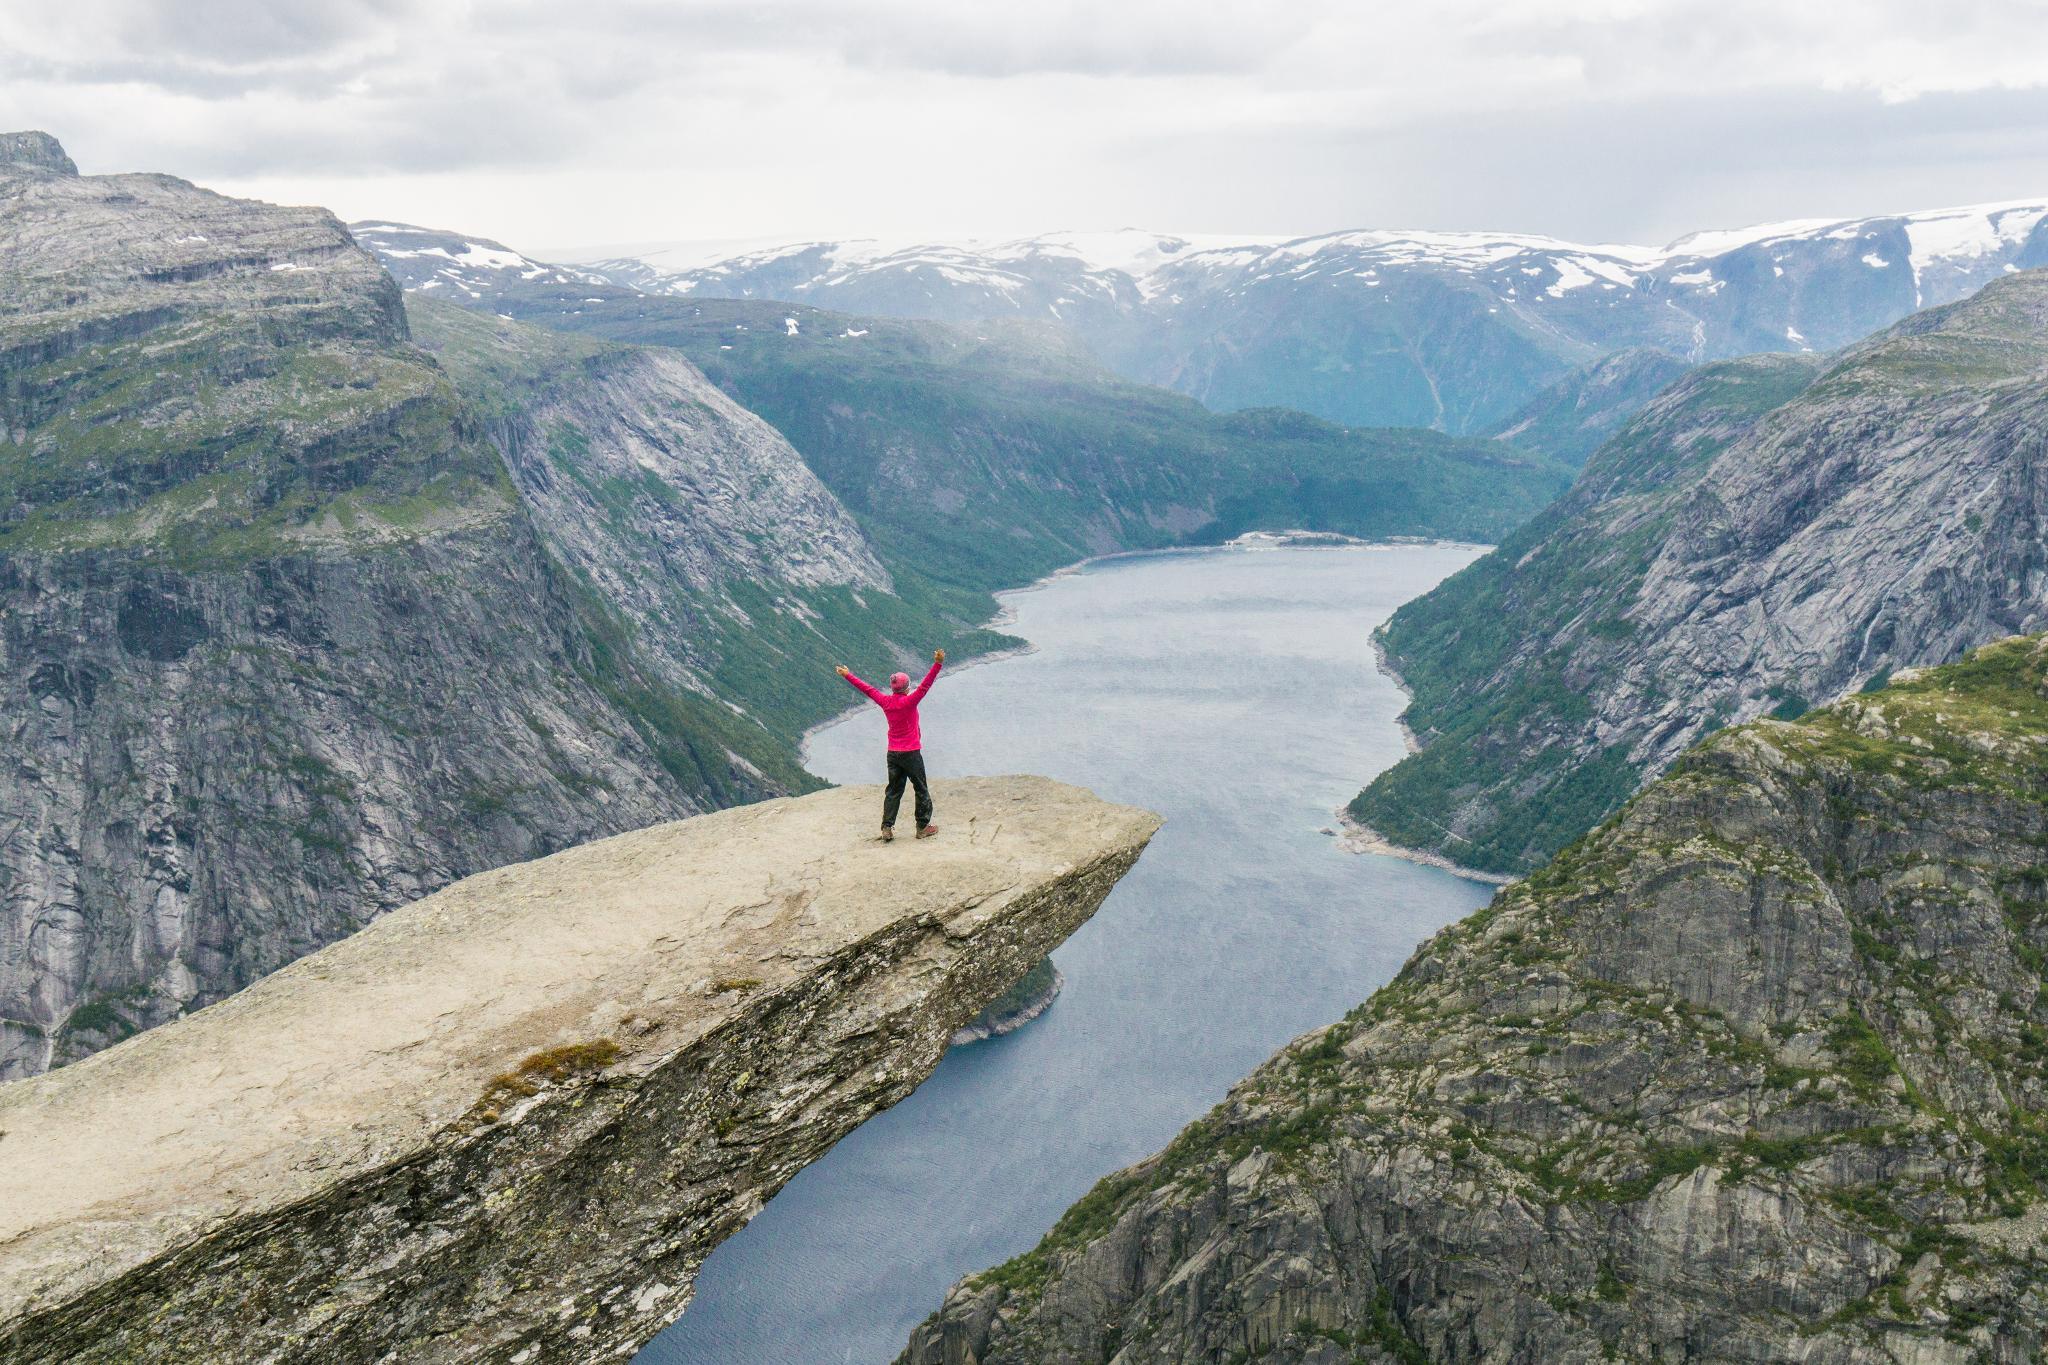 【北歐景點】挪威惡魔之舌 Trolltunga — 28公里健行挑戰全攻略 237